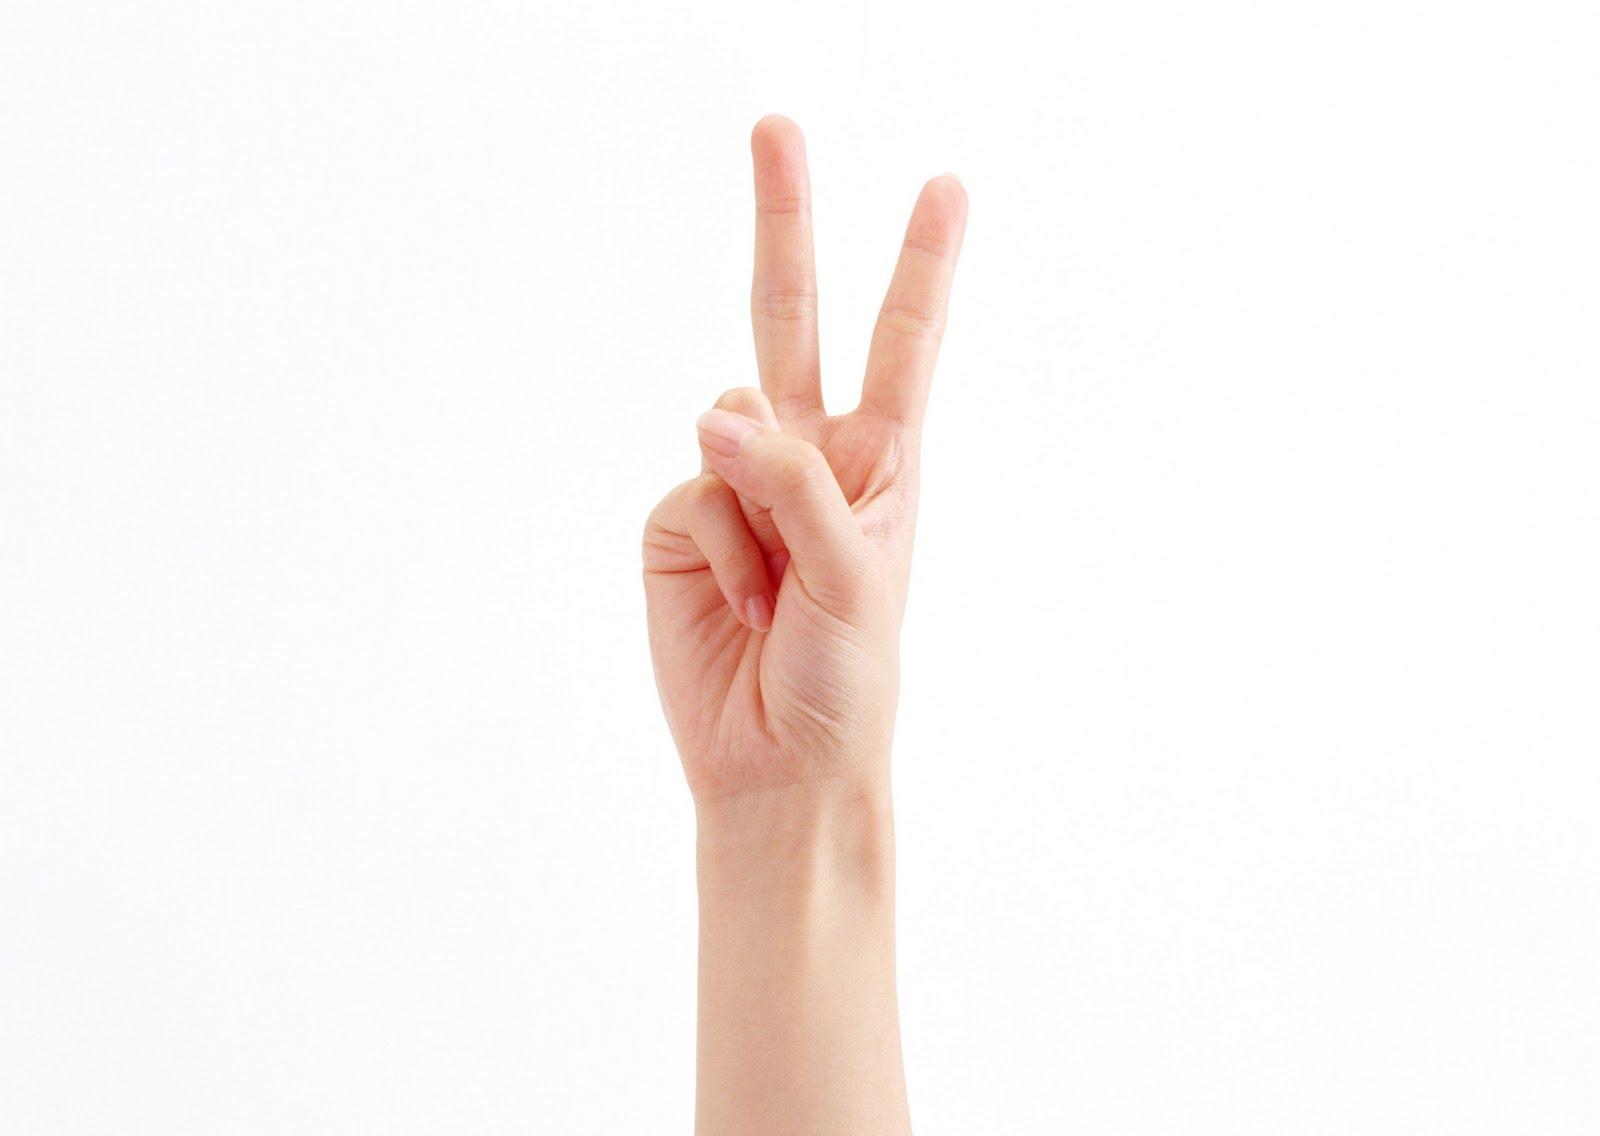 Фото два пальца 3 фотография